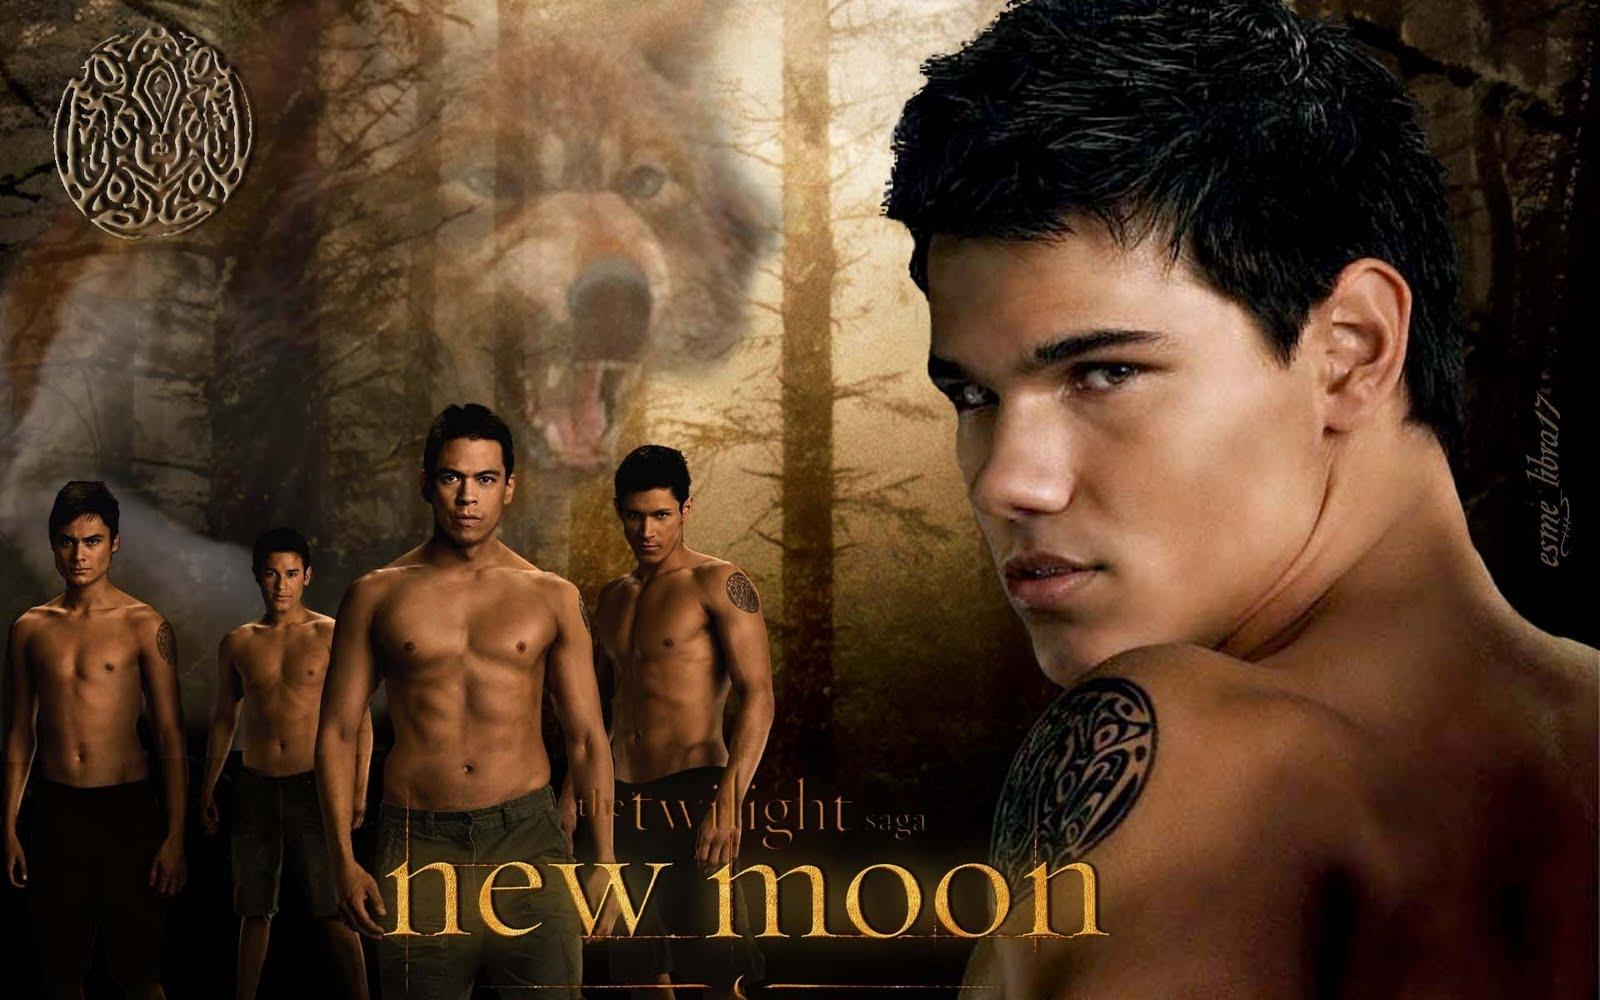 http://4.bp.blogspot.com/_A7vd1oW85hU/TLv6Zlh4OhI/AAAAAAAAEFA/AsZY3Zkbbuo/s1600/New-Moon-Wallpaper-Werewolves-twilight-series-7428226-1920-1200.jpg